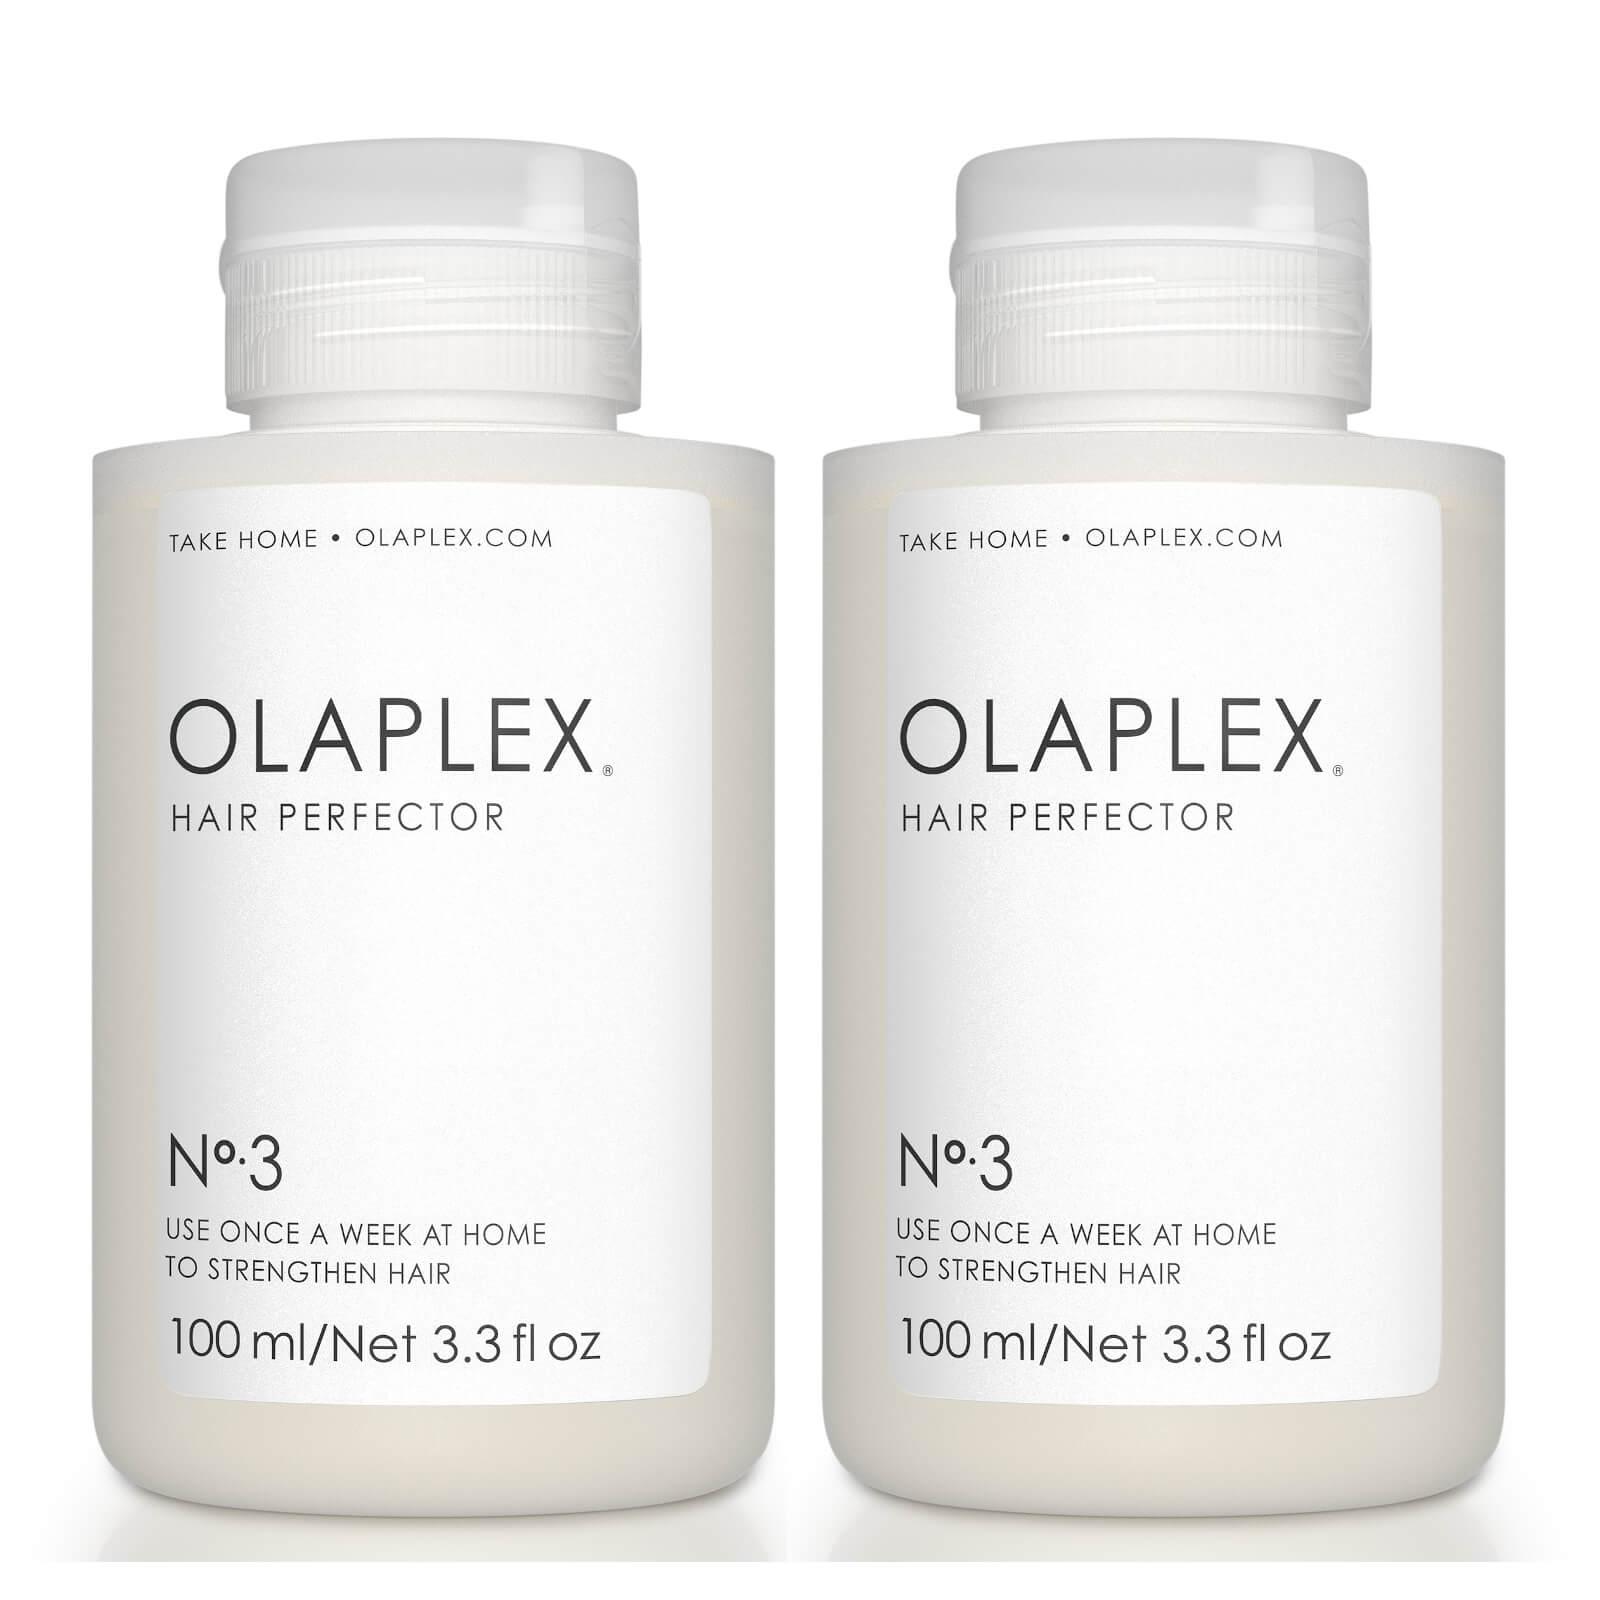 OLAPLEX HAIR TREAMENT